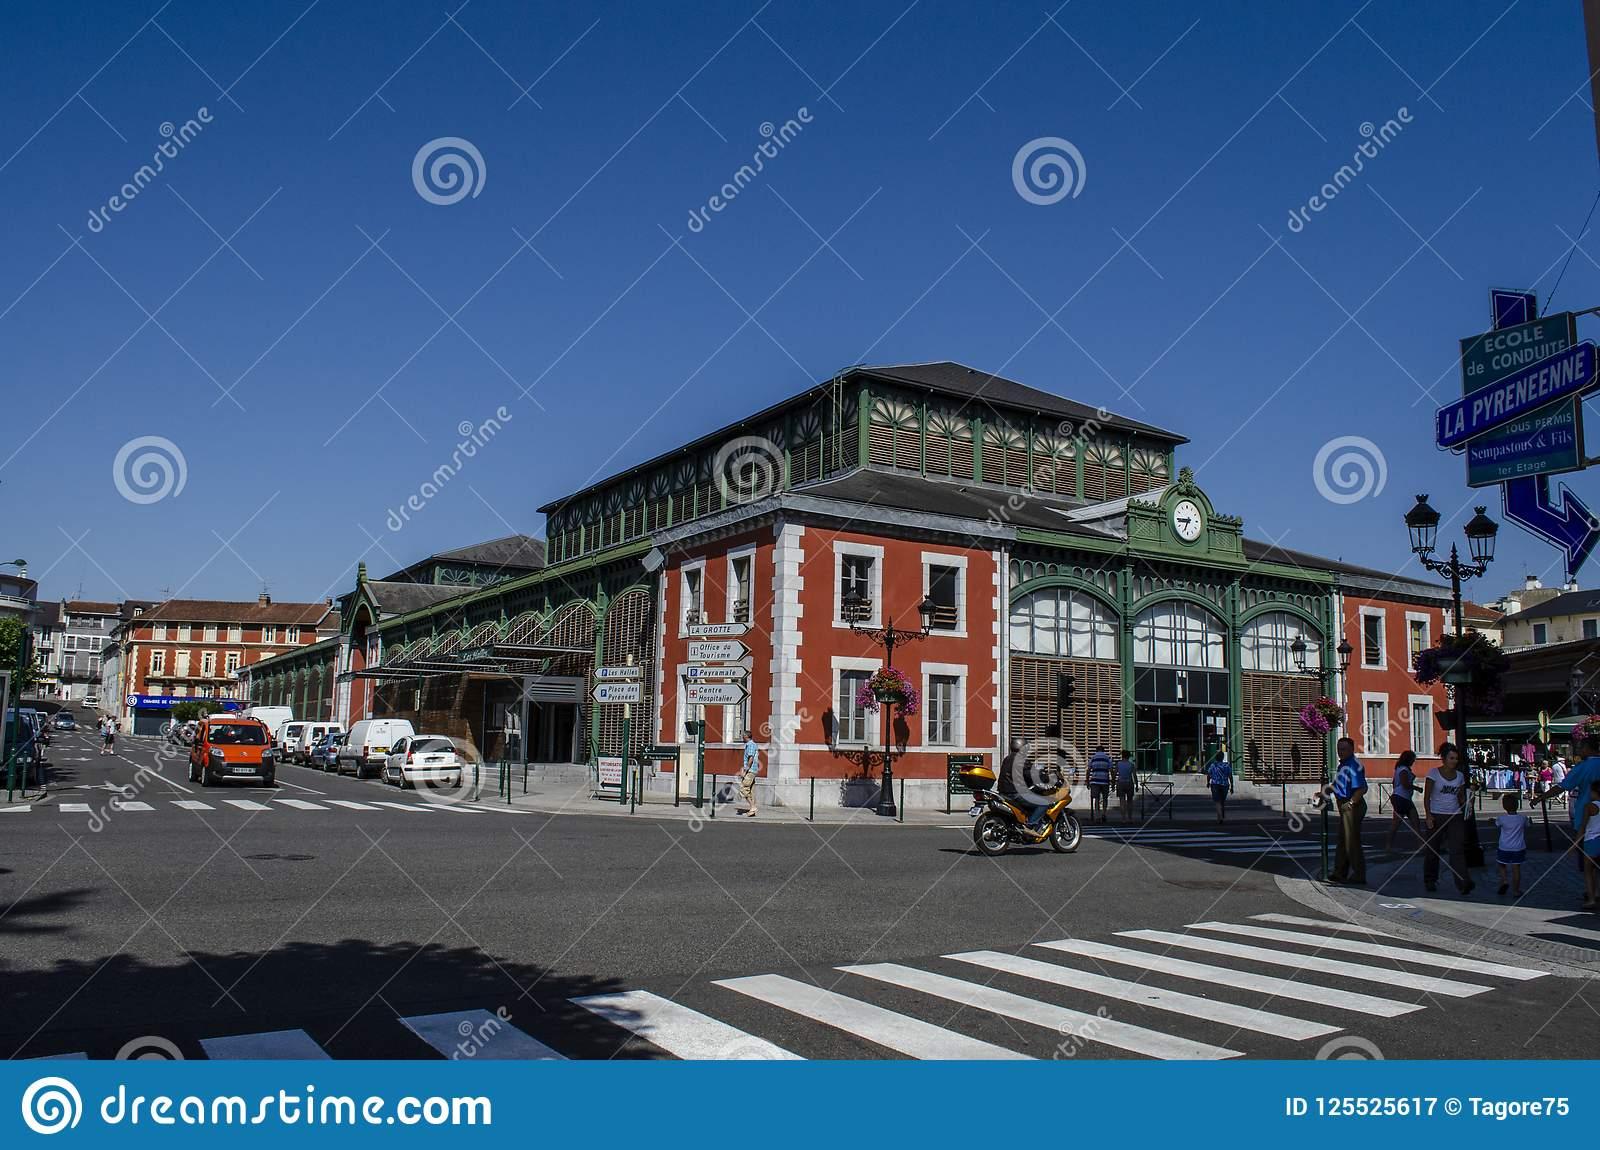 The Market Located In Lourdes In The Hautes-Pyrenees pour Liste De Departement De France